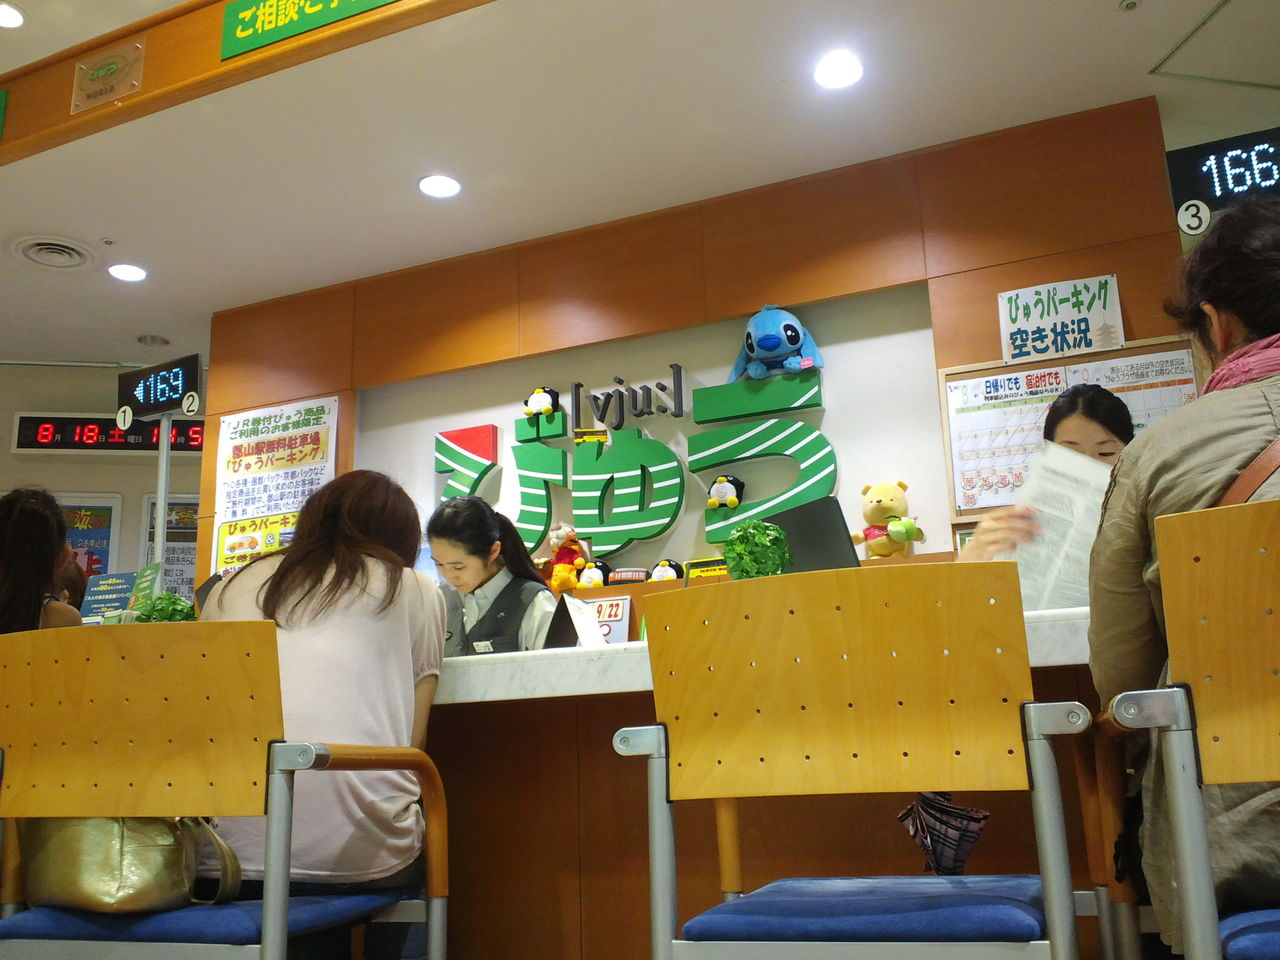 http://livedoor.blogimg.jp/matukizusi/imgs/1/d/1d34258f.jpg